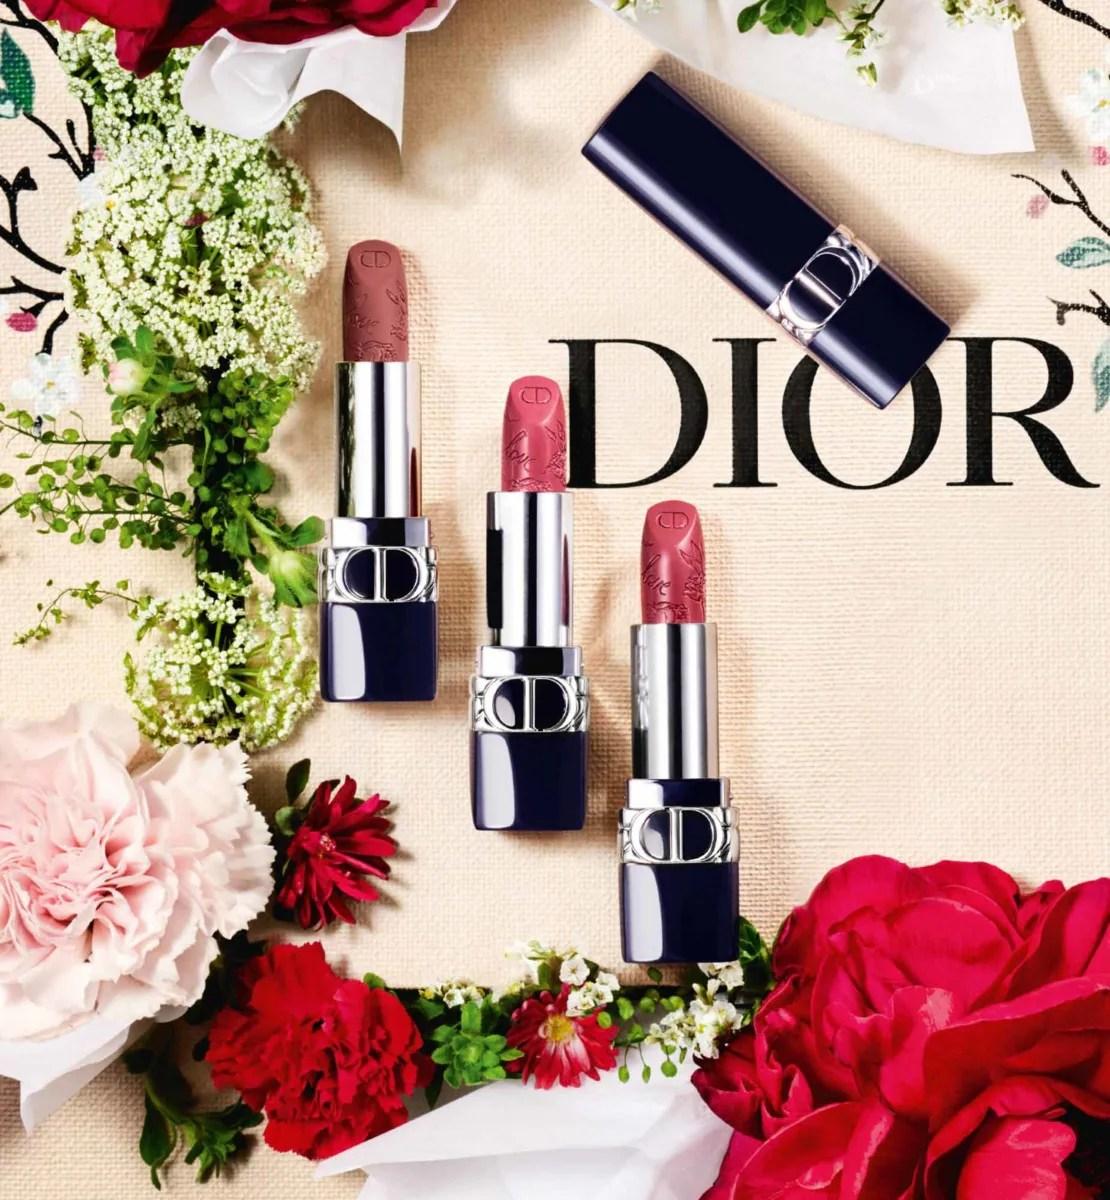 Dior - ルージュ ディオール (オンラインブティック数量限定品) クチュール カラーで彩る、リフィル式のフローラル ケア リップスティック - サテン・マット・メタリックのエフェクト - 至福の心地よさ&長時間続く仕上がり